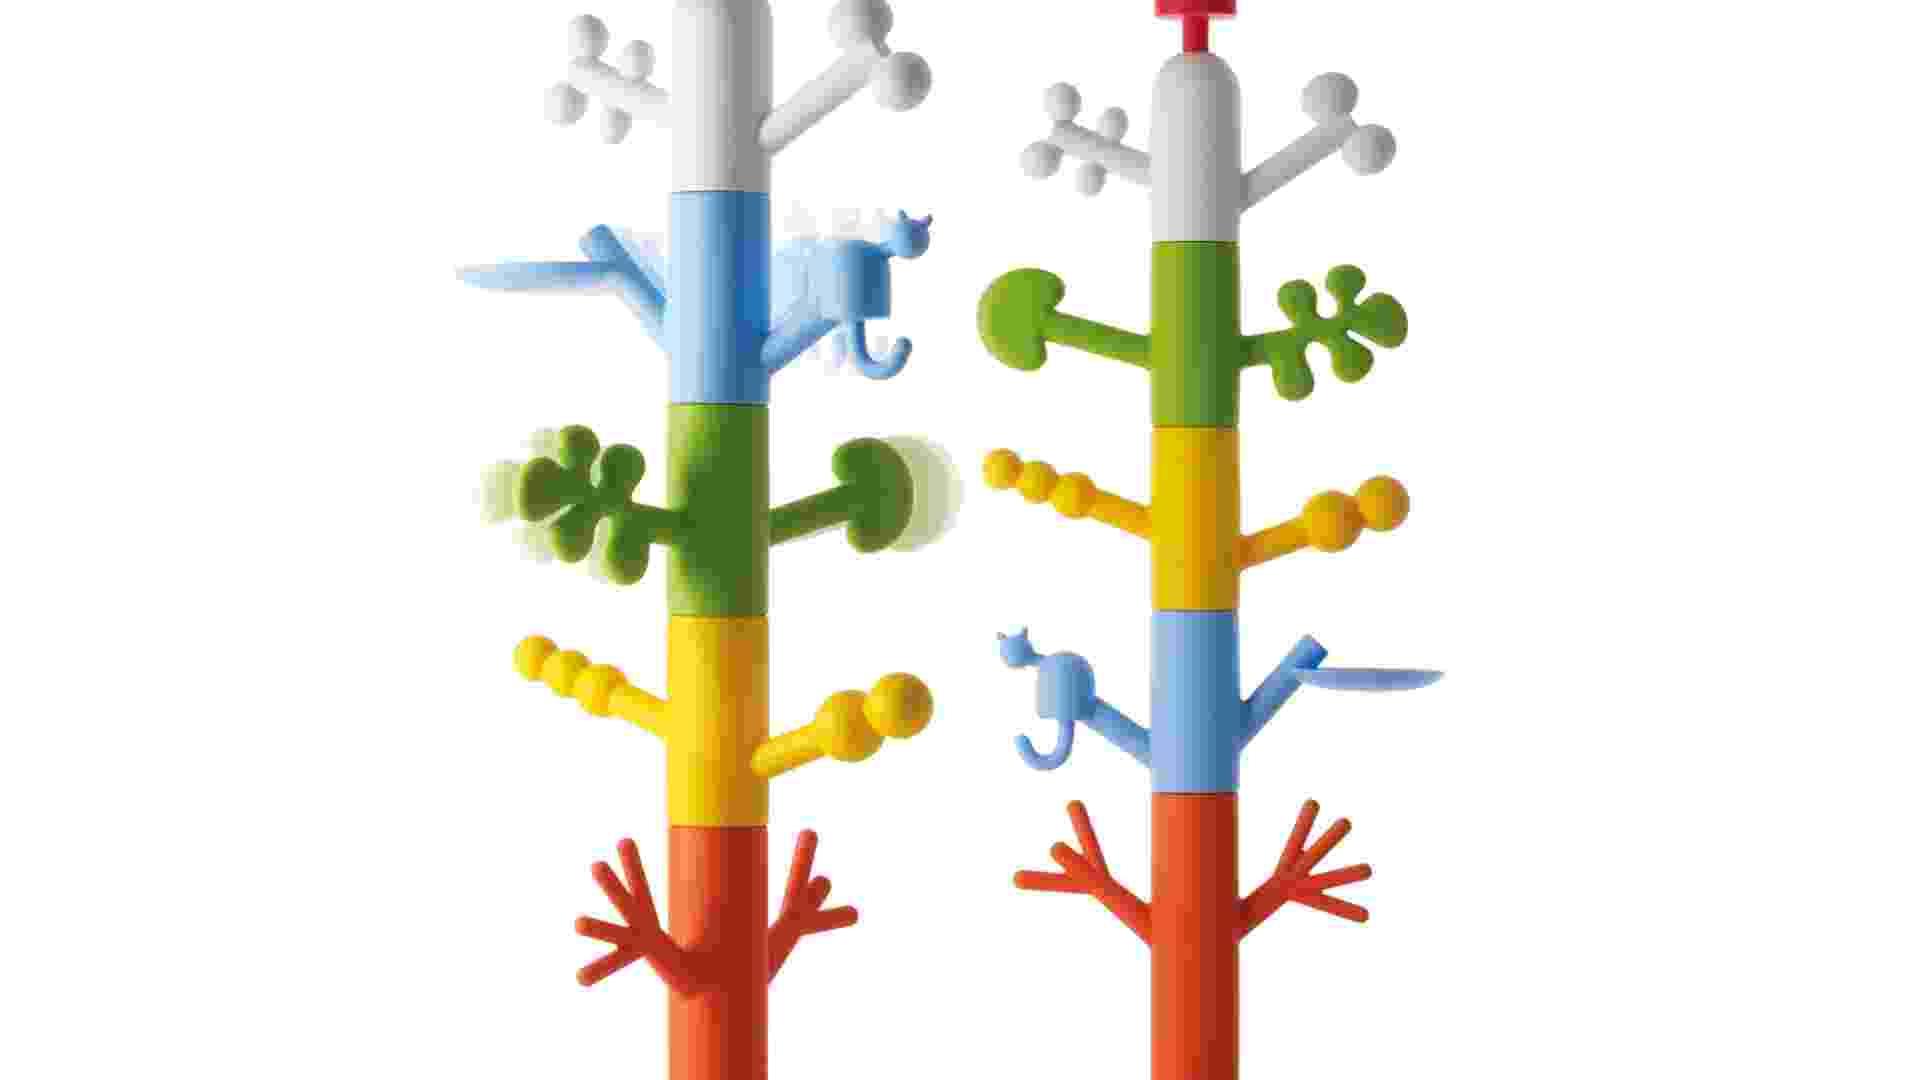 O cabideiro Paradise Tree foi criado pelo designer finlandês Oiva Toikka, conhecido pelos seus pássaros em vidro. Fabricada de polietileno, a peça lúdica mede 1,89 m de altura e pode ser comprada através do Grupo Novo Ambiente (www.novoambiente.com.br) - Divulgação